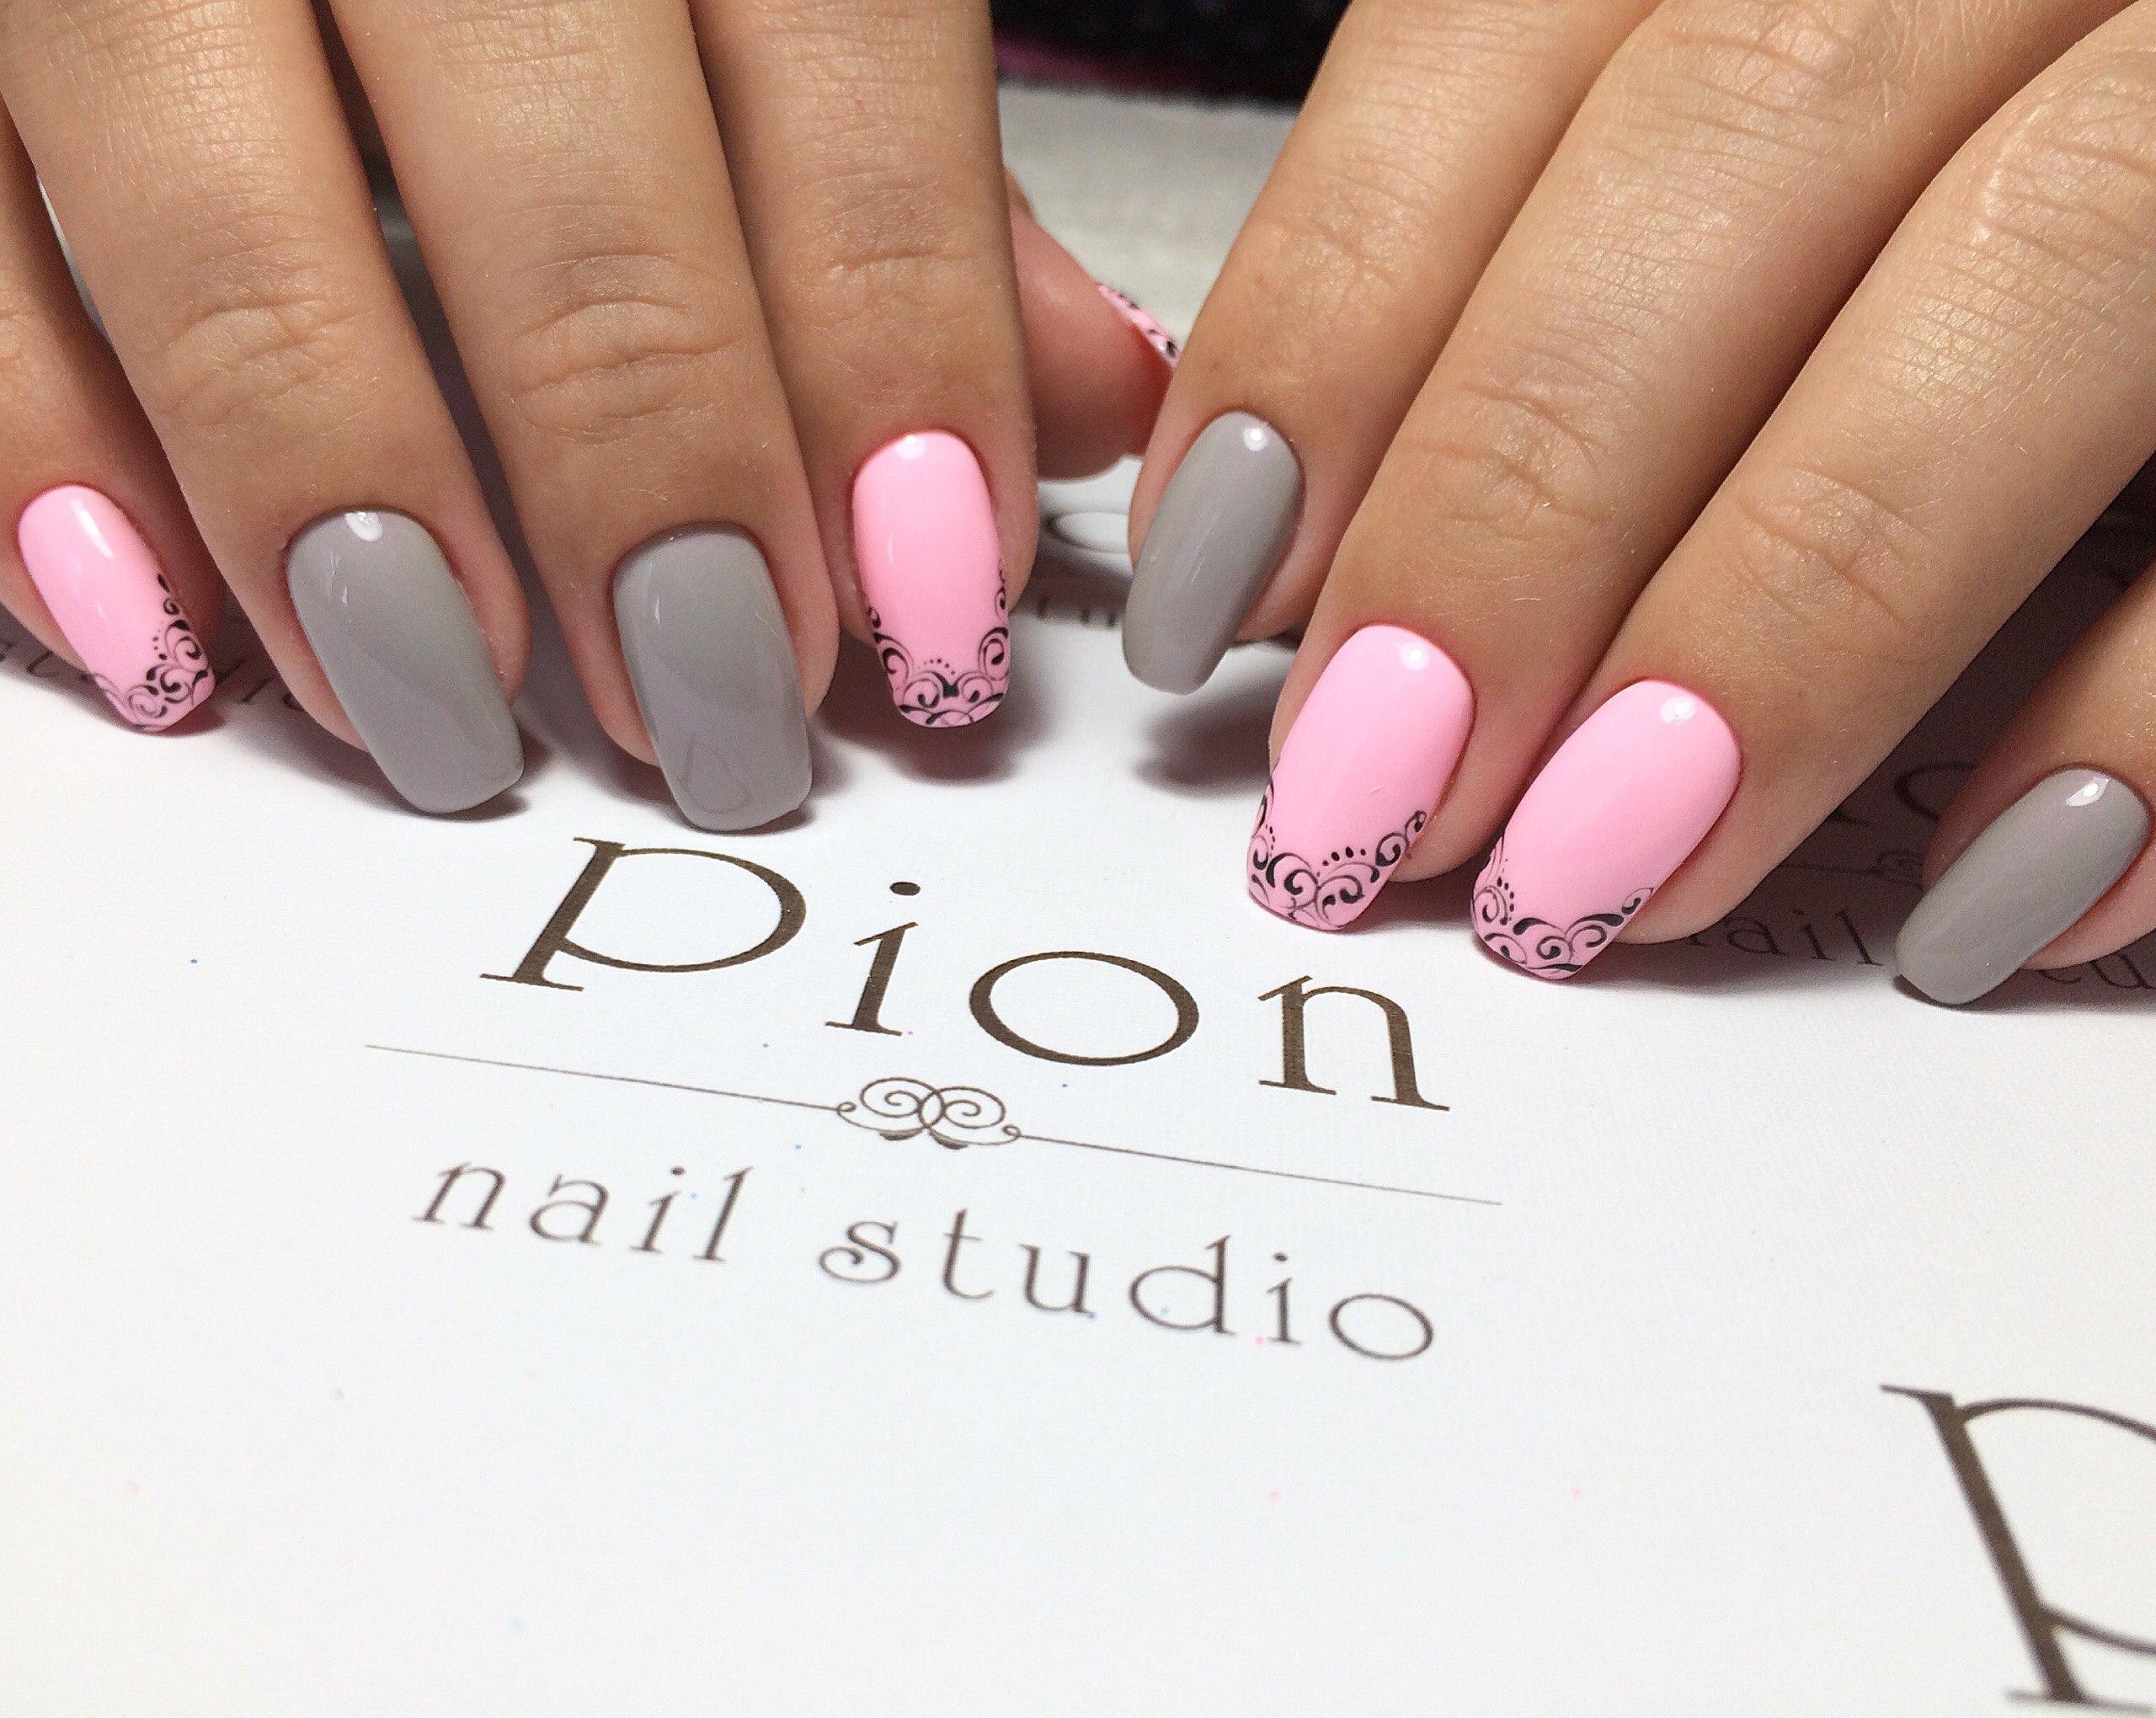 Дизайн ногтей розовый и серый 2018 фото новинки